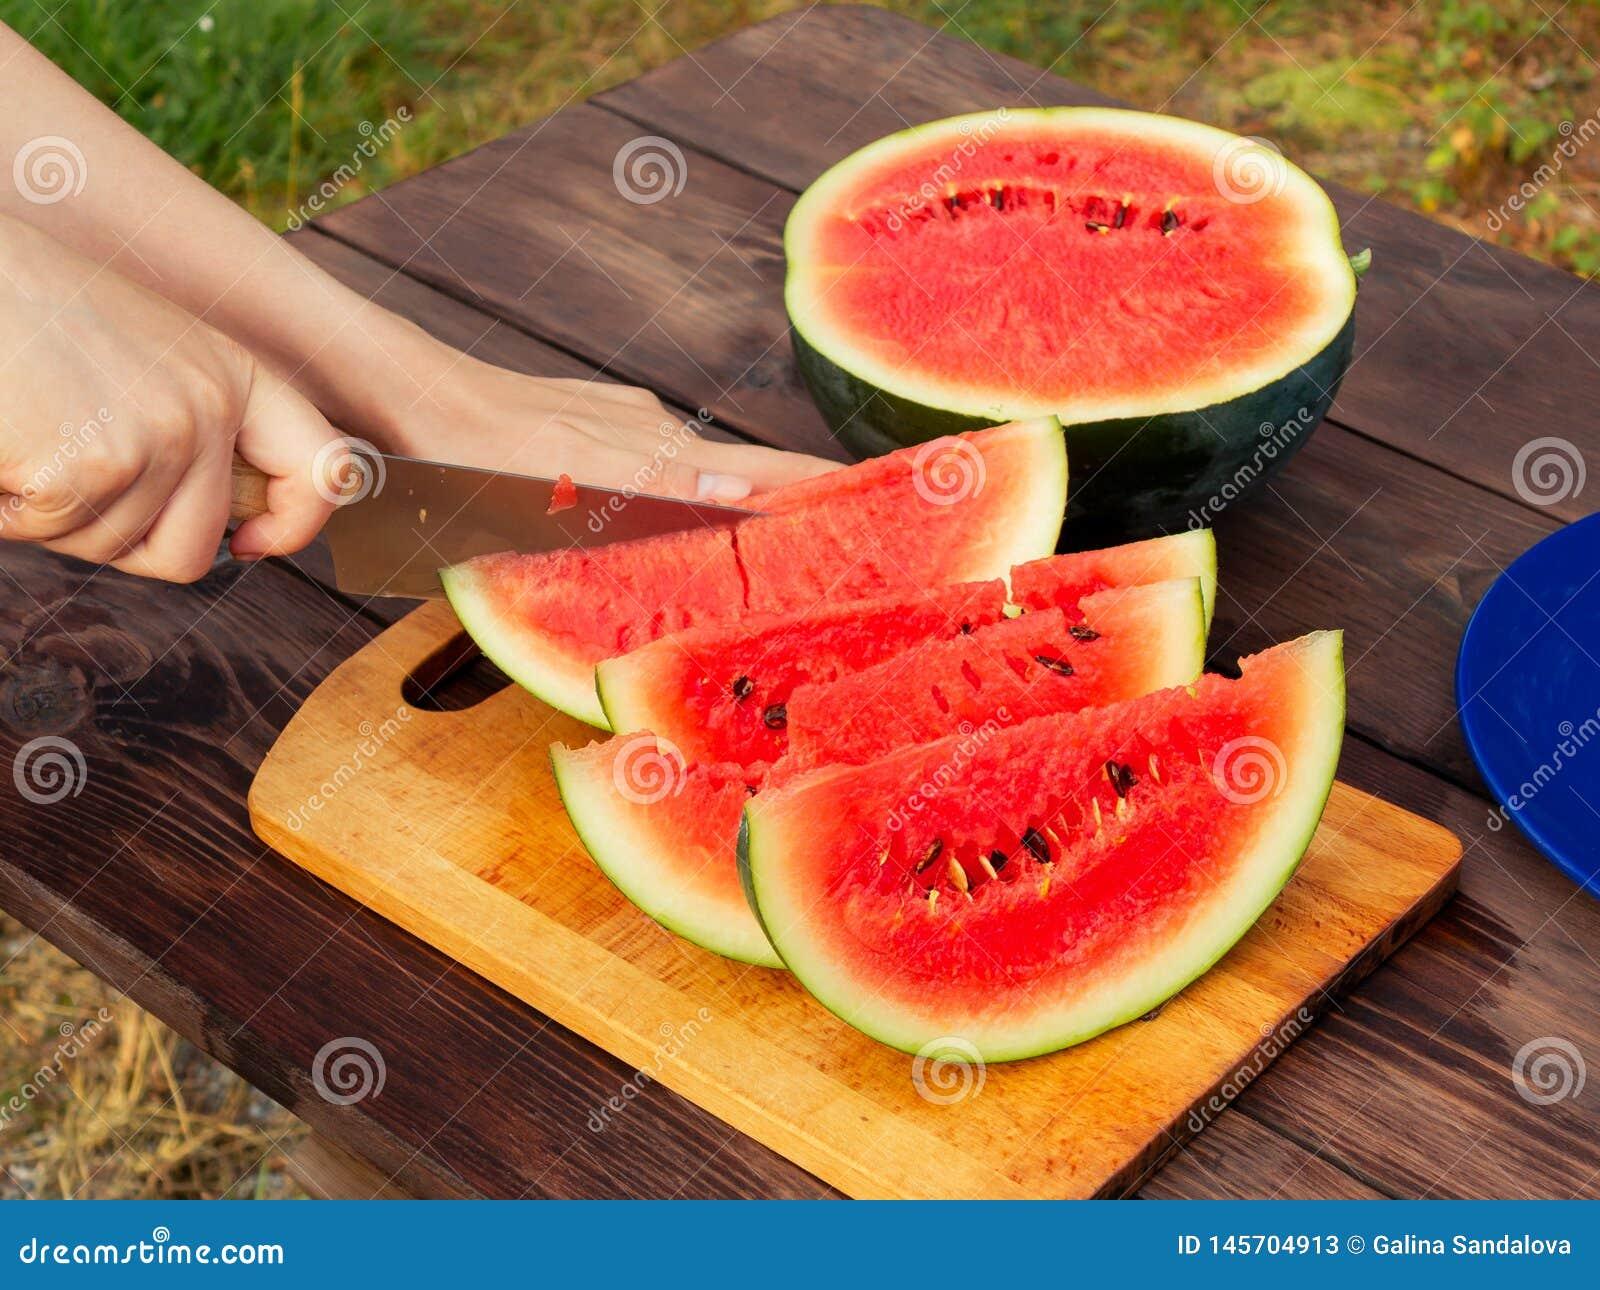 Kobiet ręki cią z nożem w plasterki dojrzały arbuz na drewnianym stole